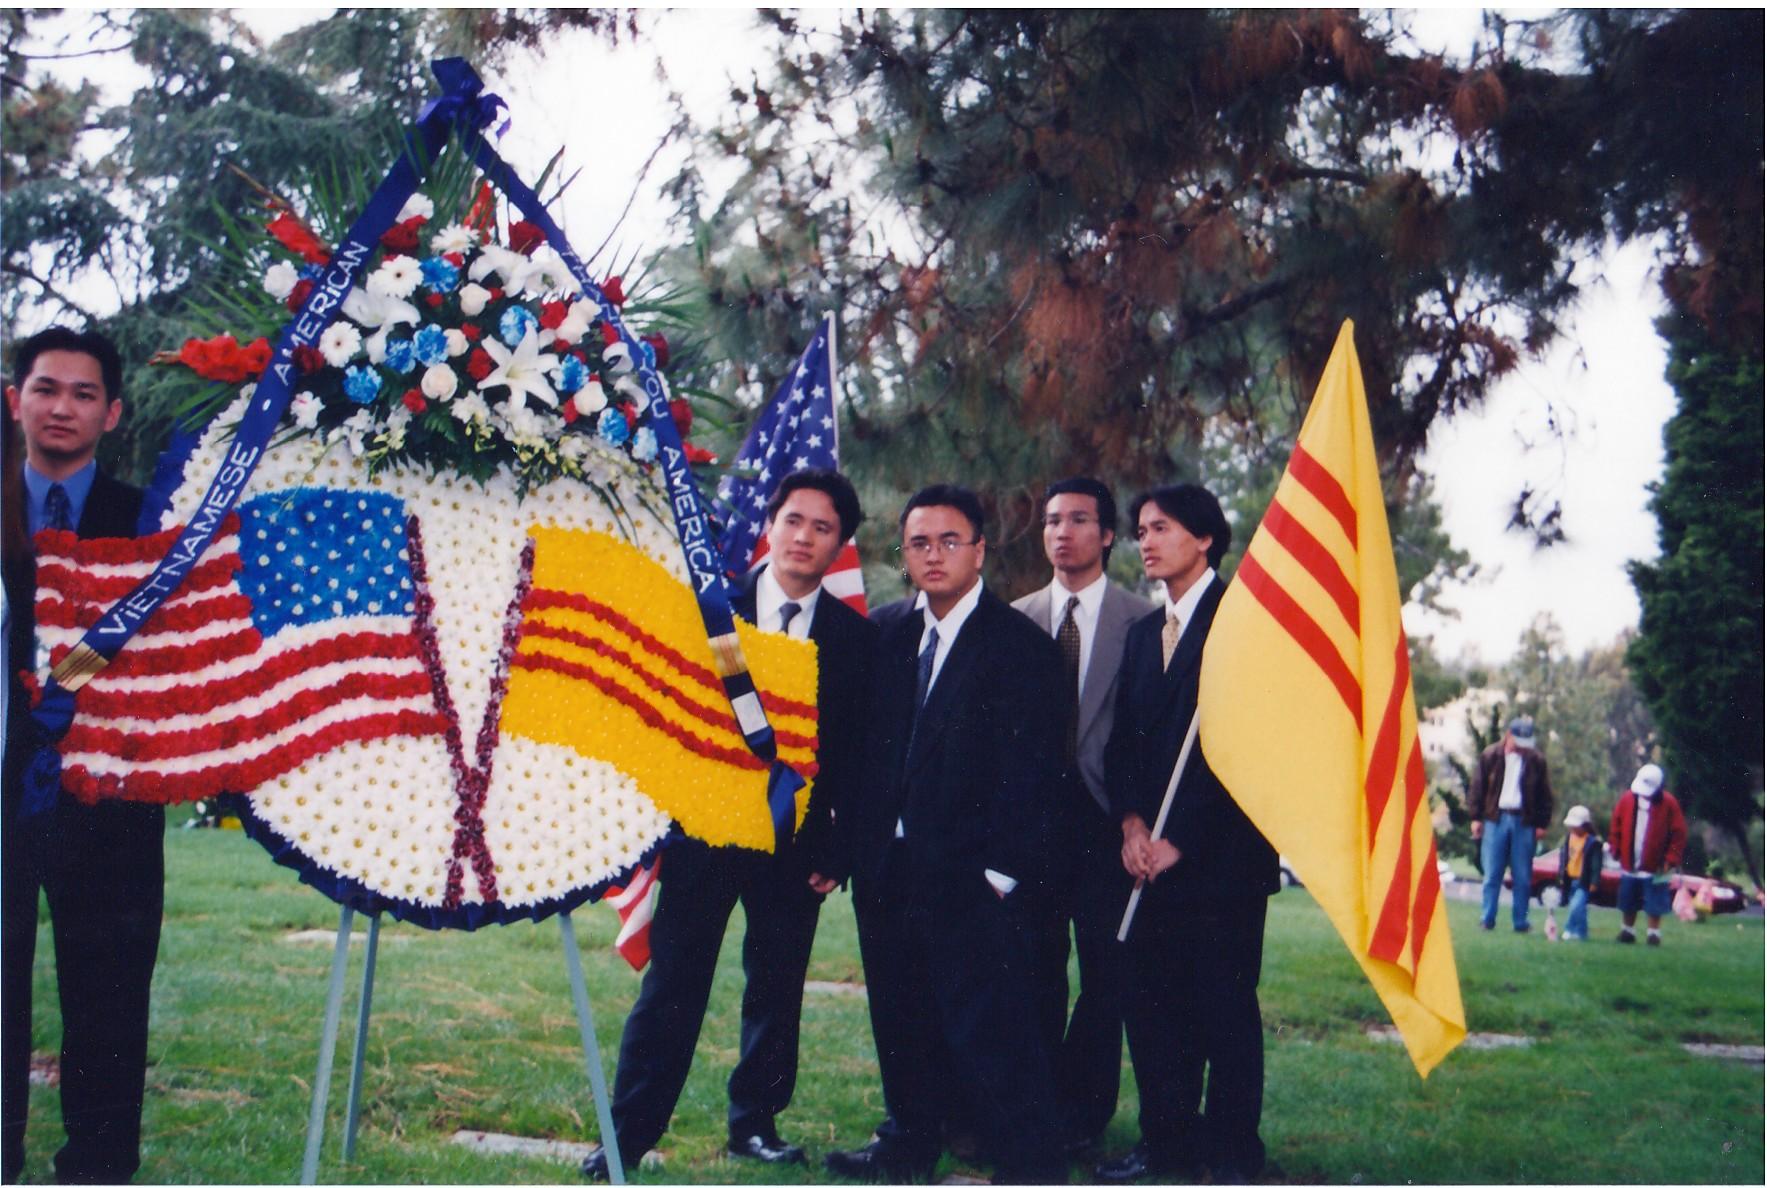 Đoàn Trưởng NHV và các đoàn viên TN.VNTD Nam Cali tham dự lễ Chiến sĩ trận vong của quân đội Hoa Kỳ